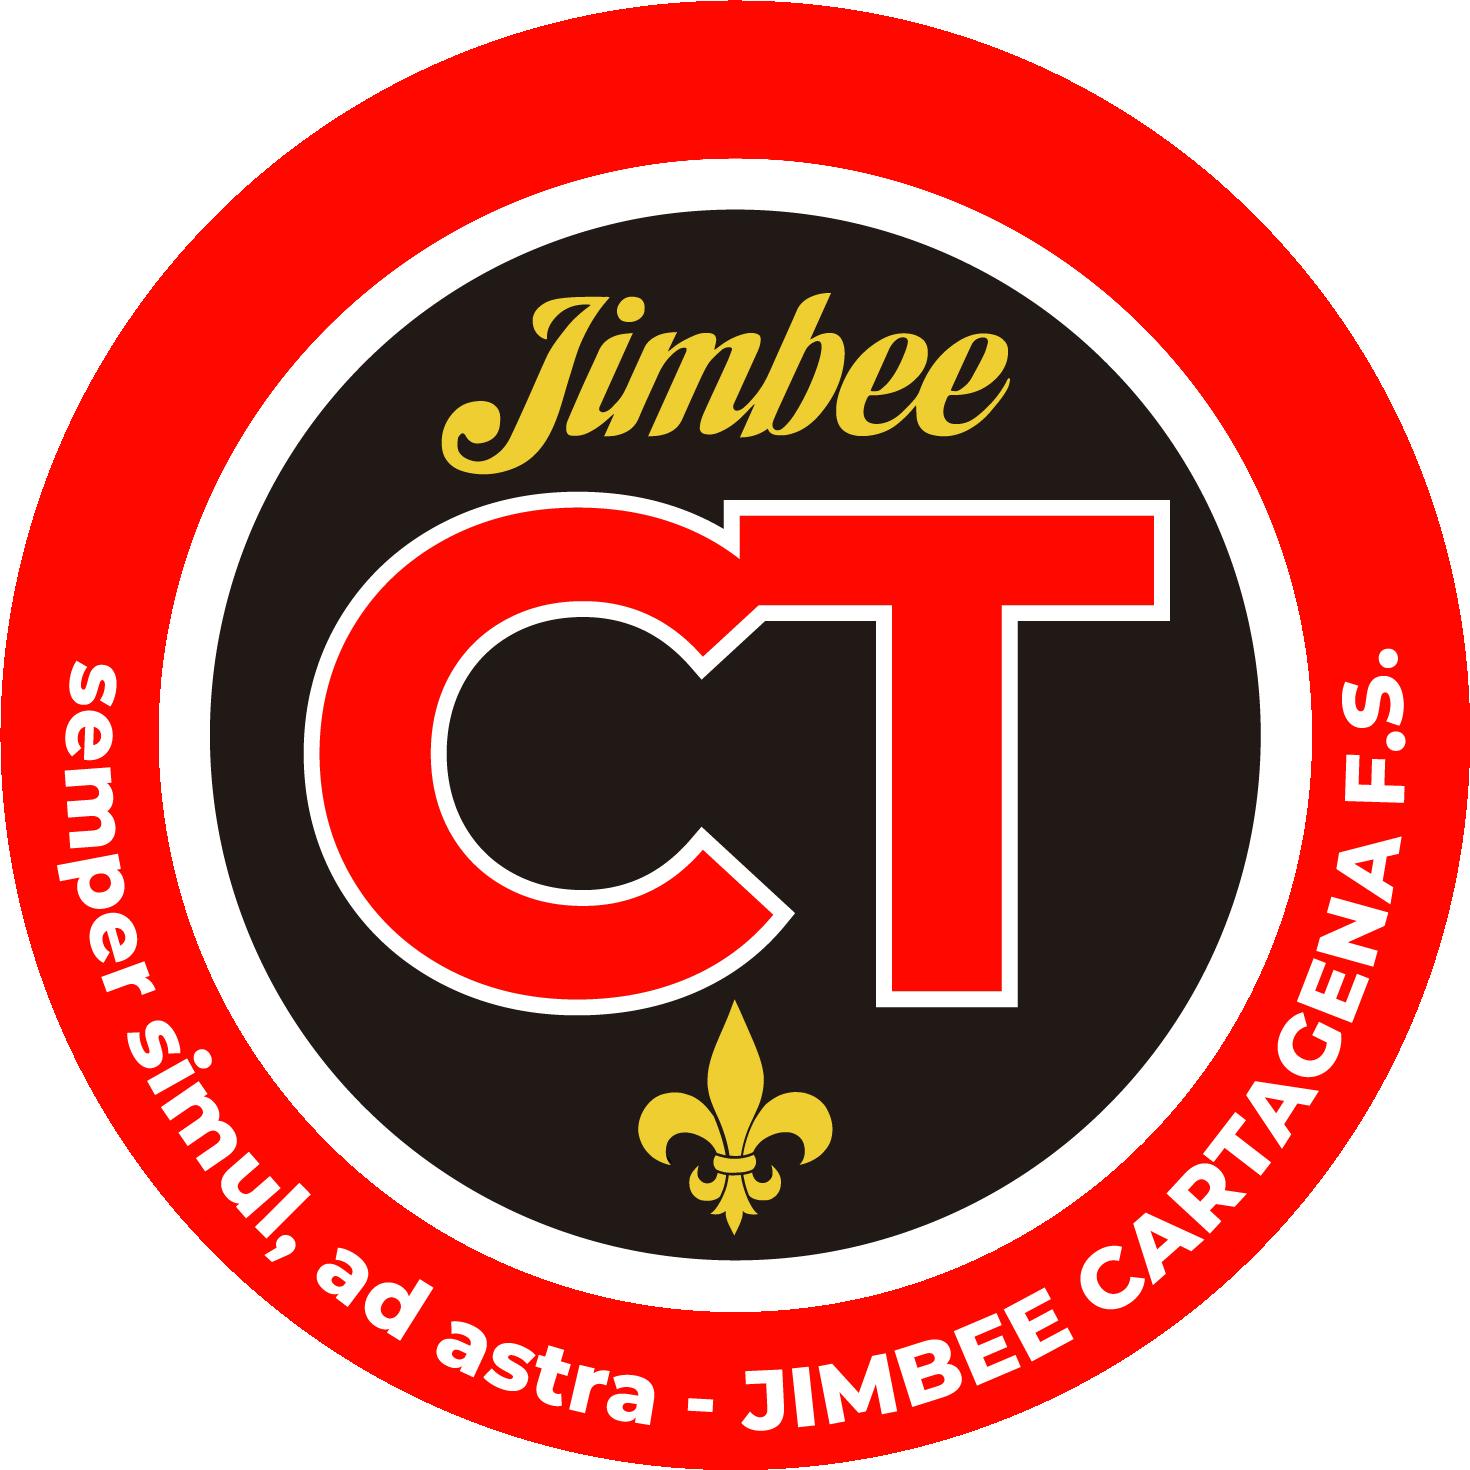 Jimbee Cartagena FS | Web Oficial